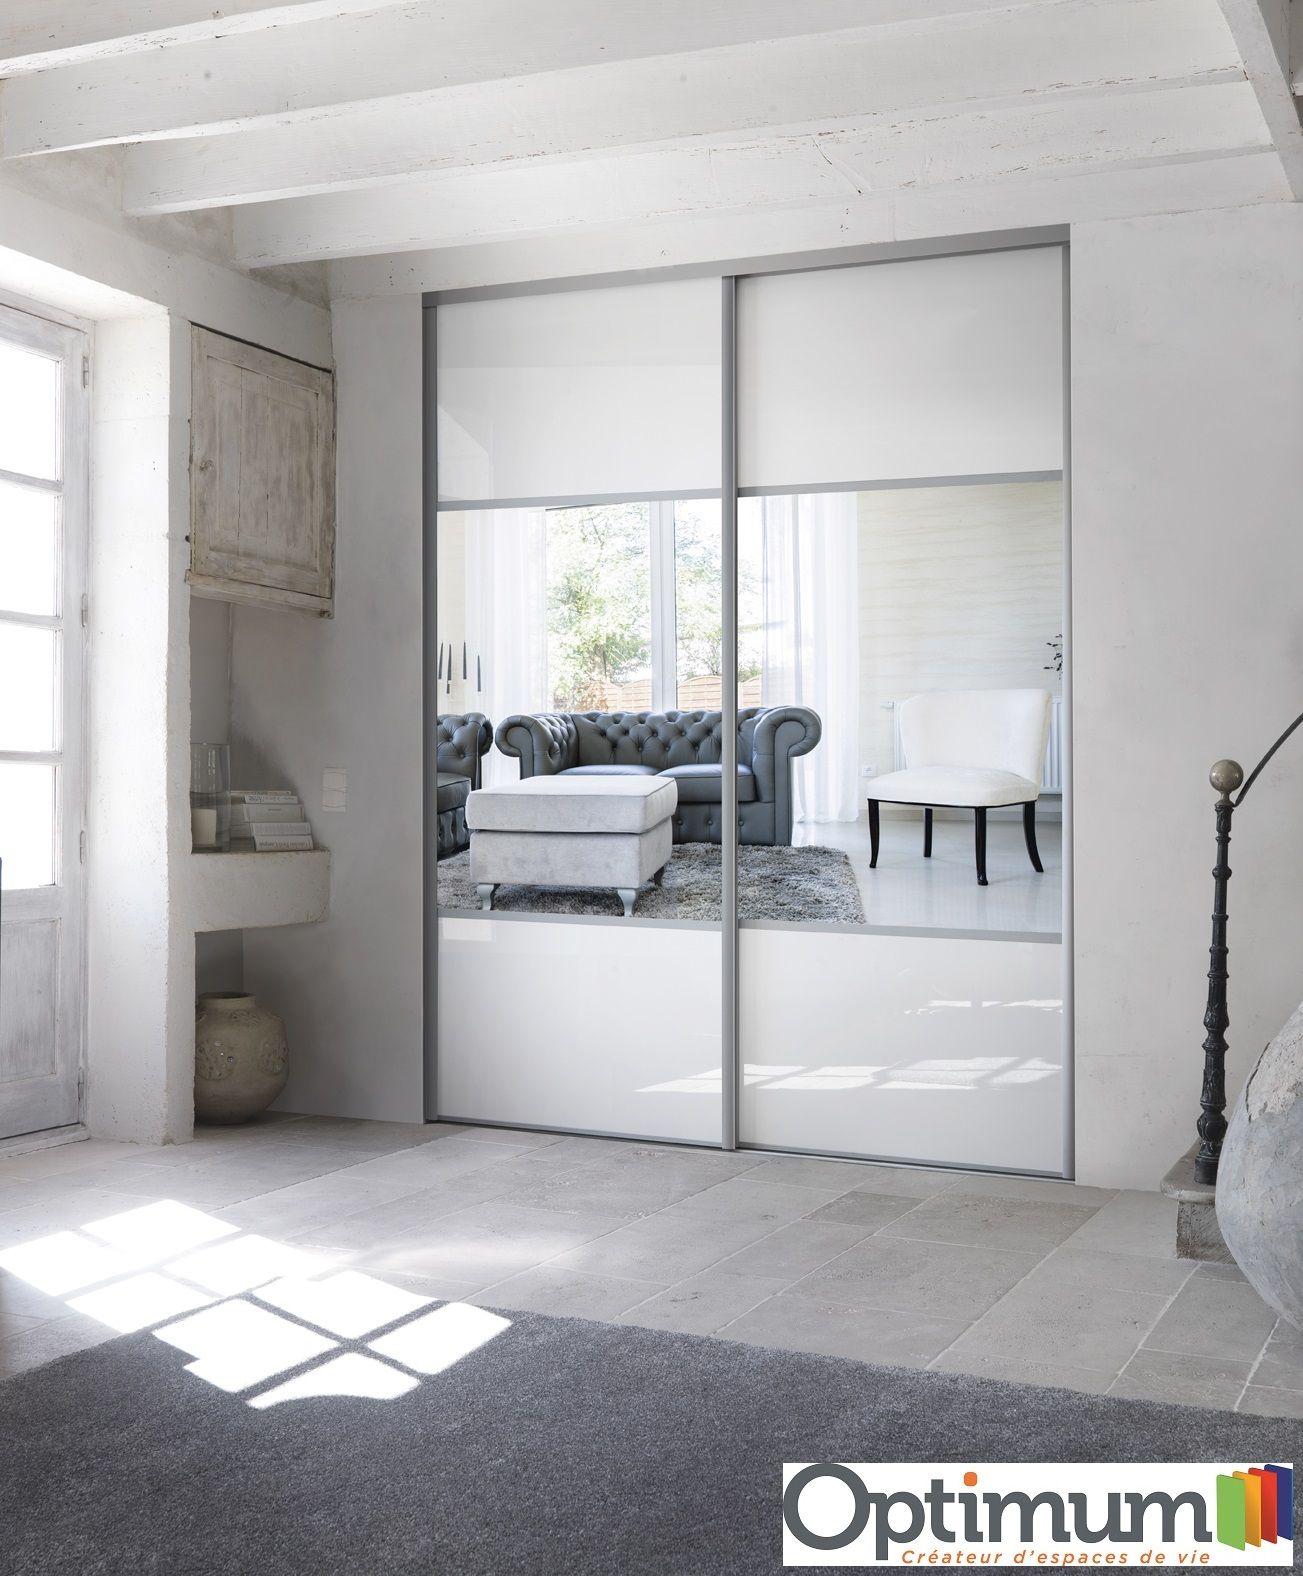 Portes De Placard Optimum Verre Laque Blanc Et Miroir Argent Porte Placard Placard Blanc Placard Chambre A Coucher